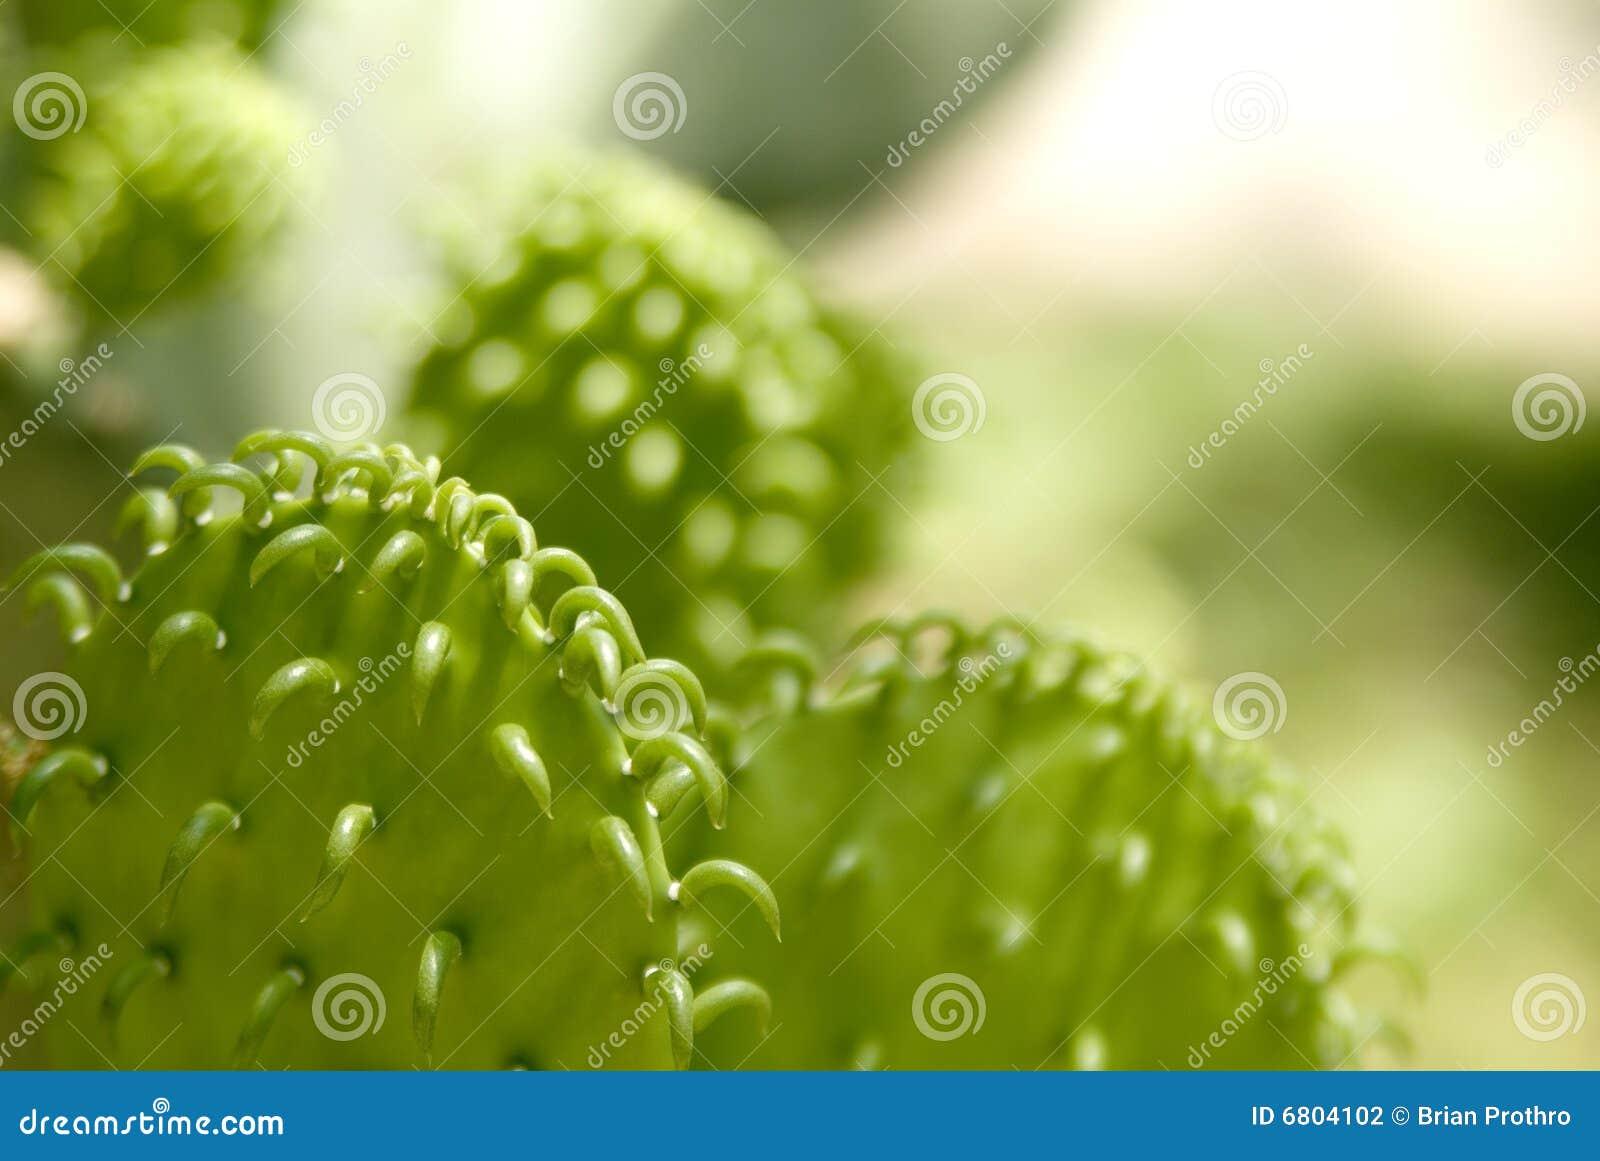 Texas-Schätzchen-Kaktus